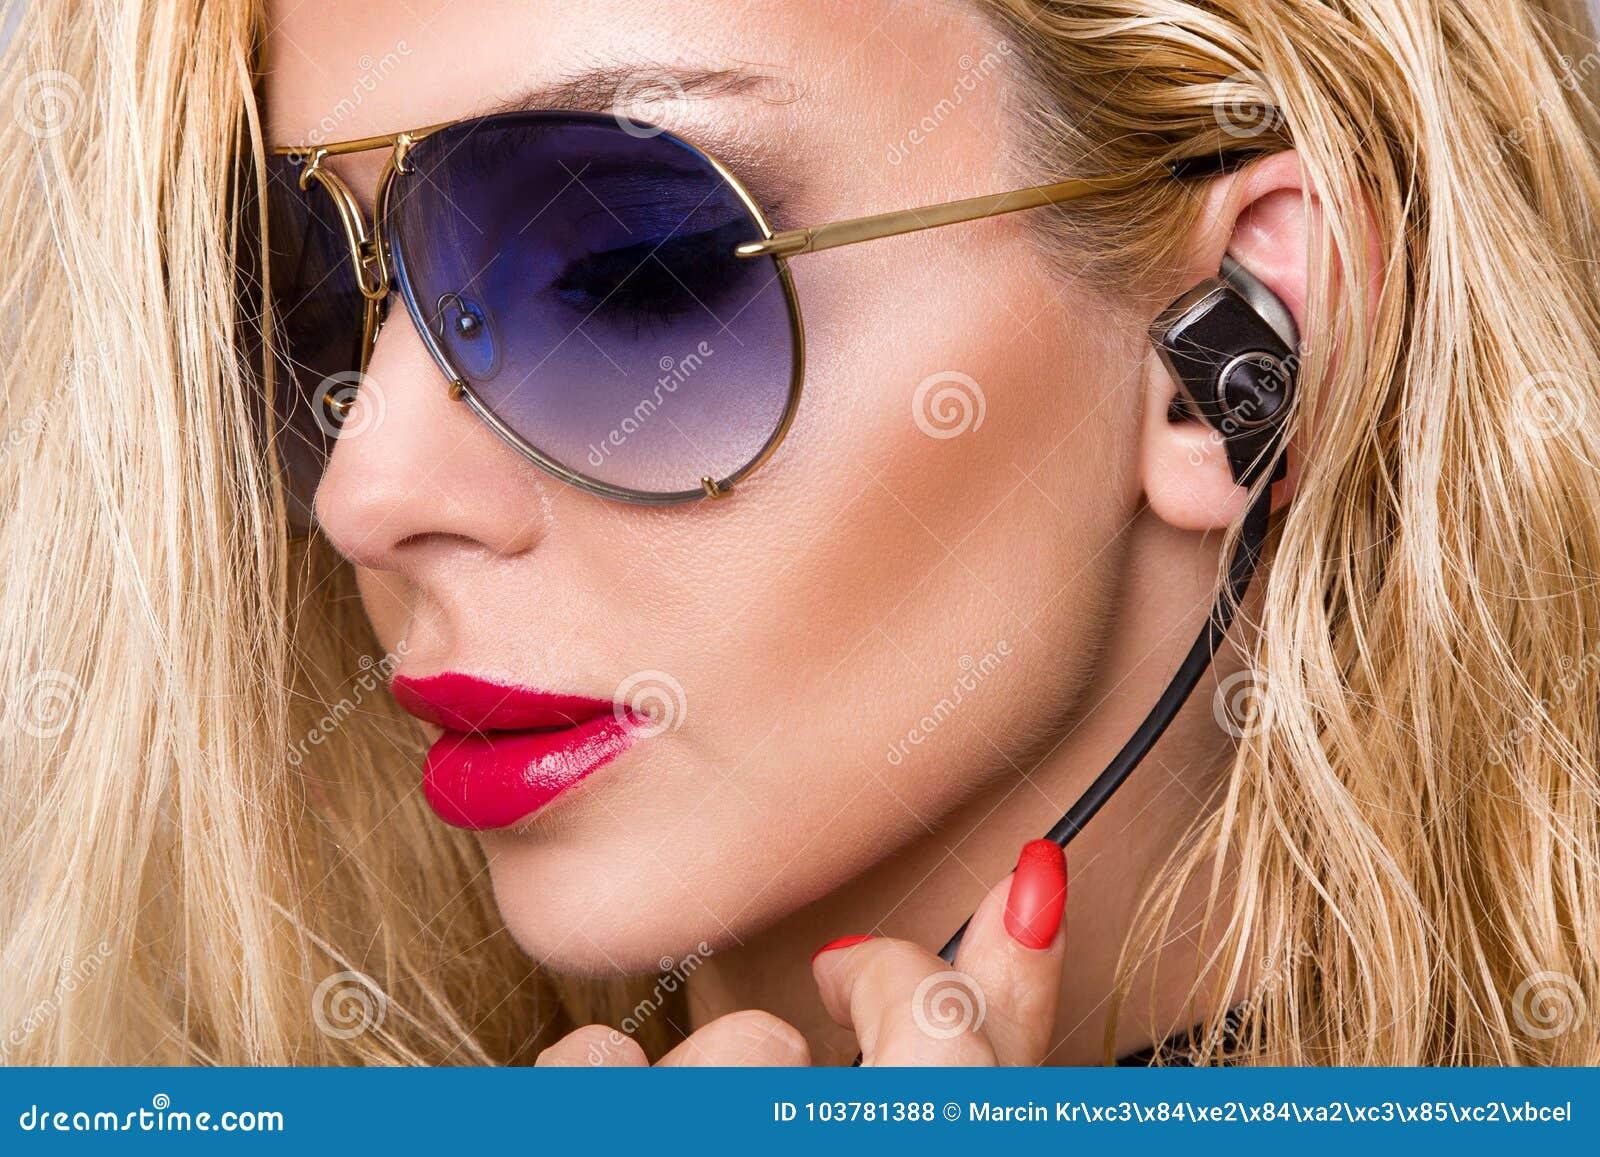 Πορτρέτο της όμορφης γυναίκας με ένα τέλειο πρόσωπο, καταπληκτικά μάτια και ένα ομαλό βελούδινο δέρμα των αισθησιακών ματιών smok